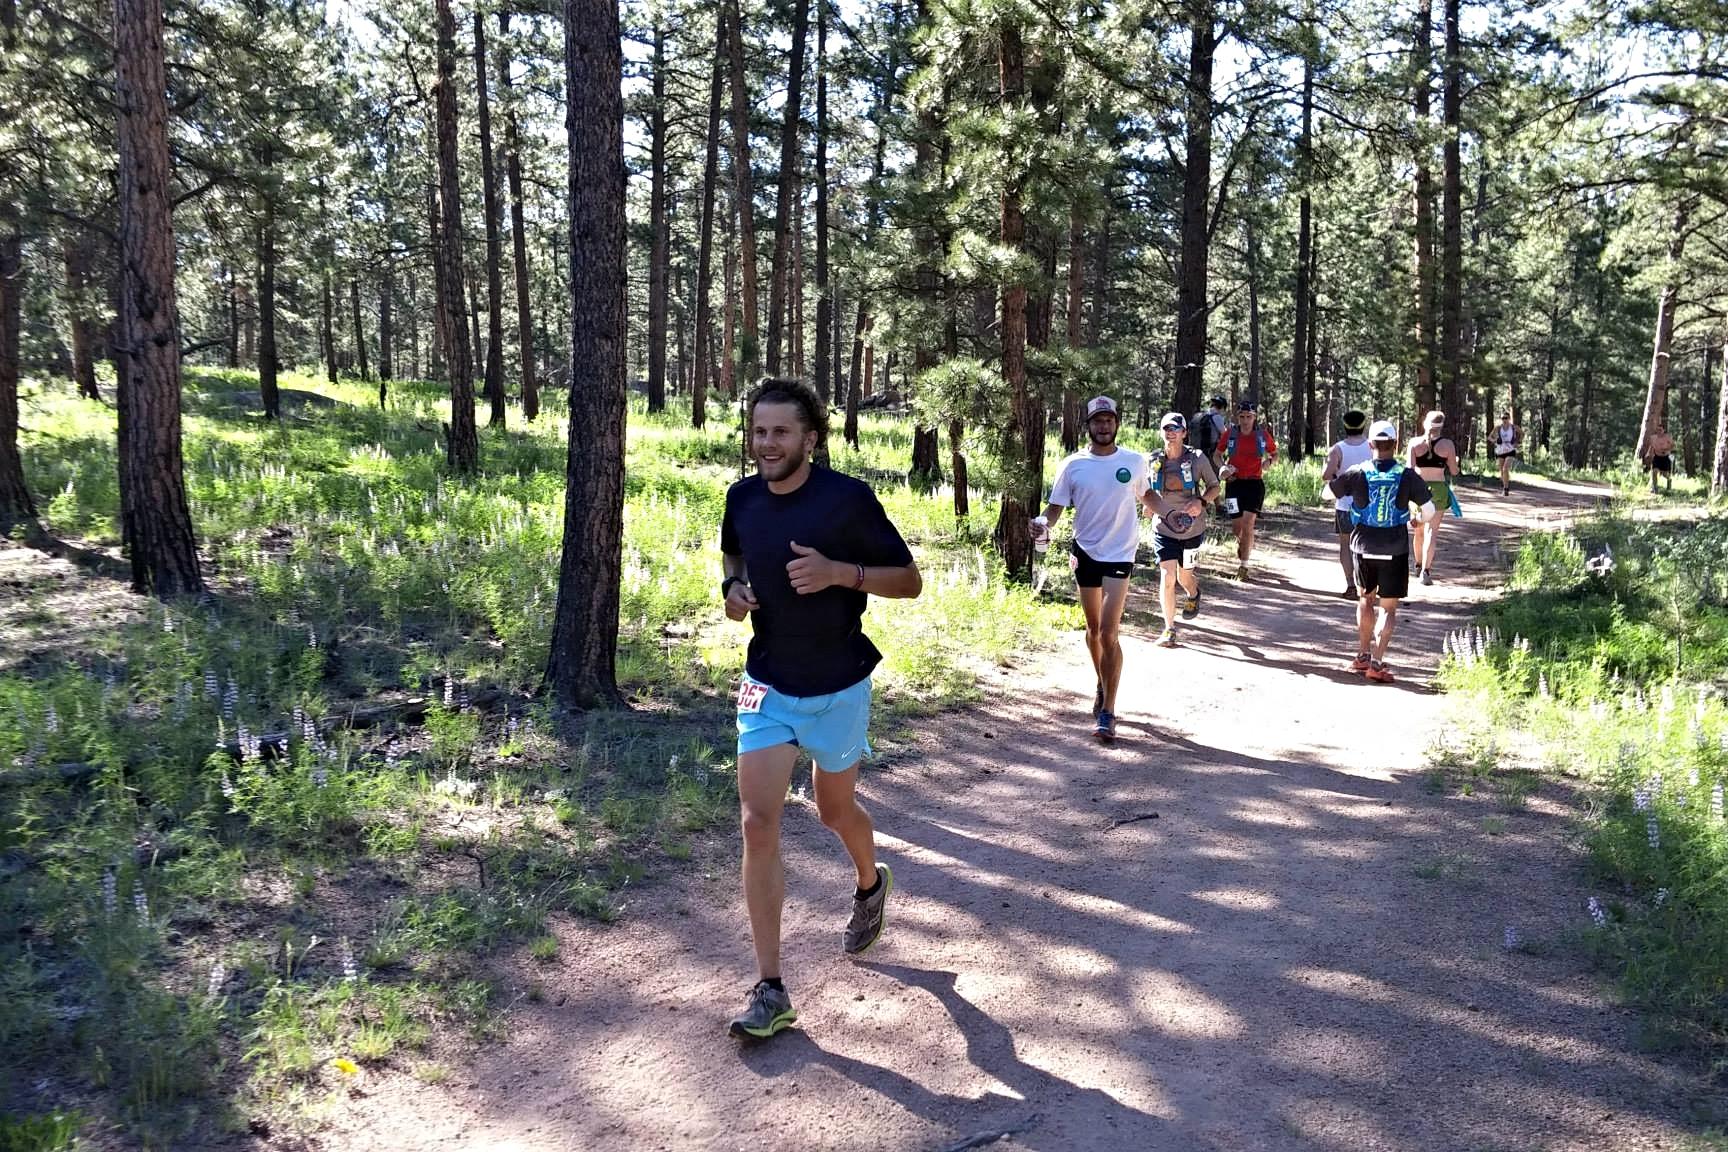 Bryan Van Harn - Grand Rapids, MI - Runner